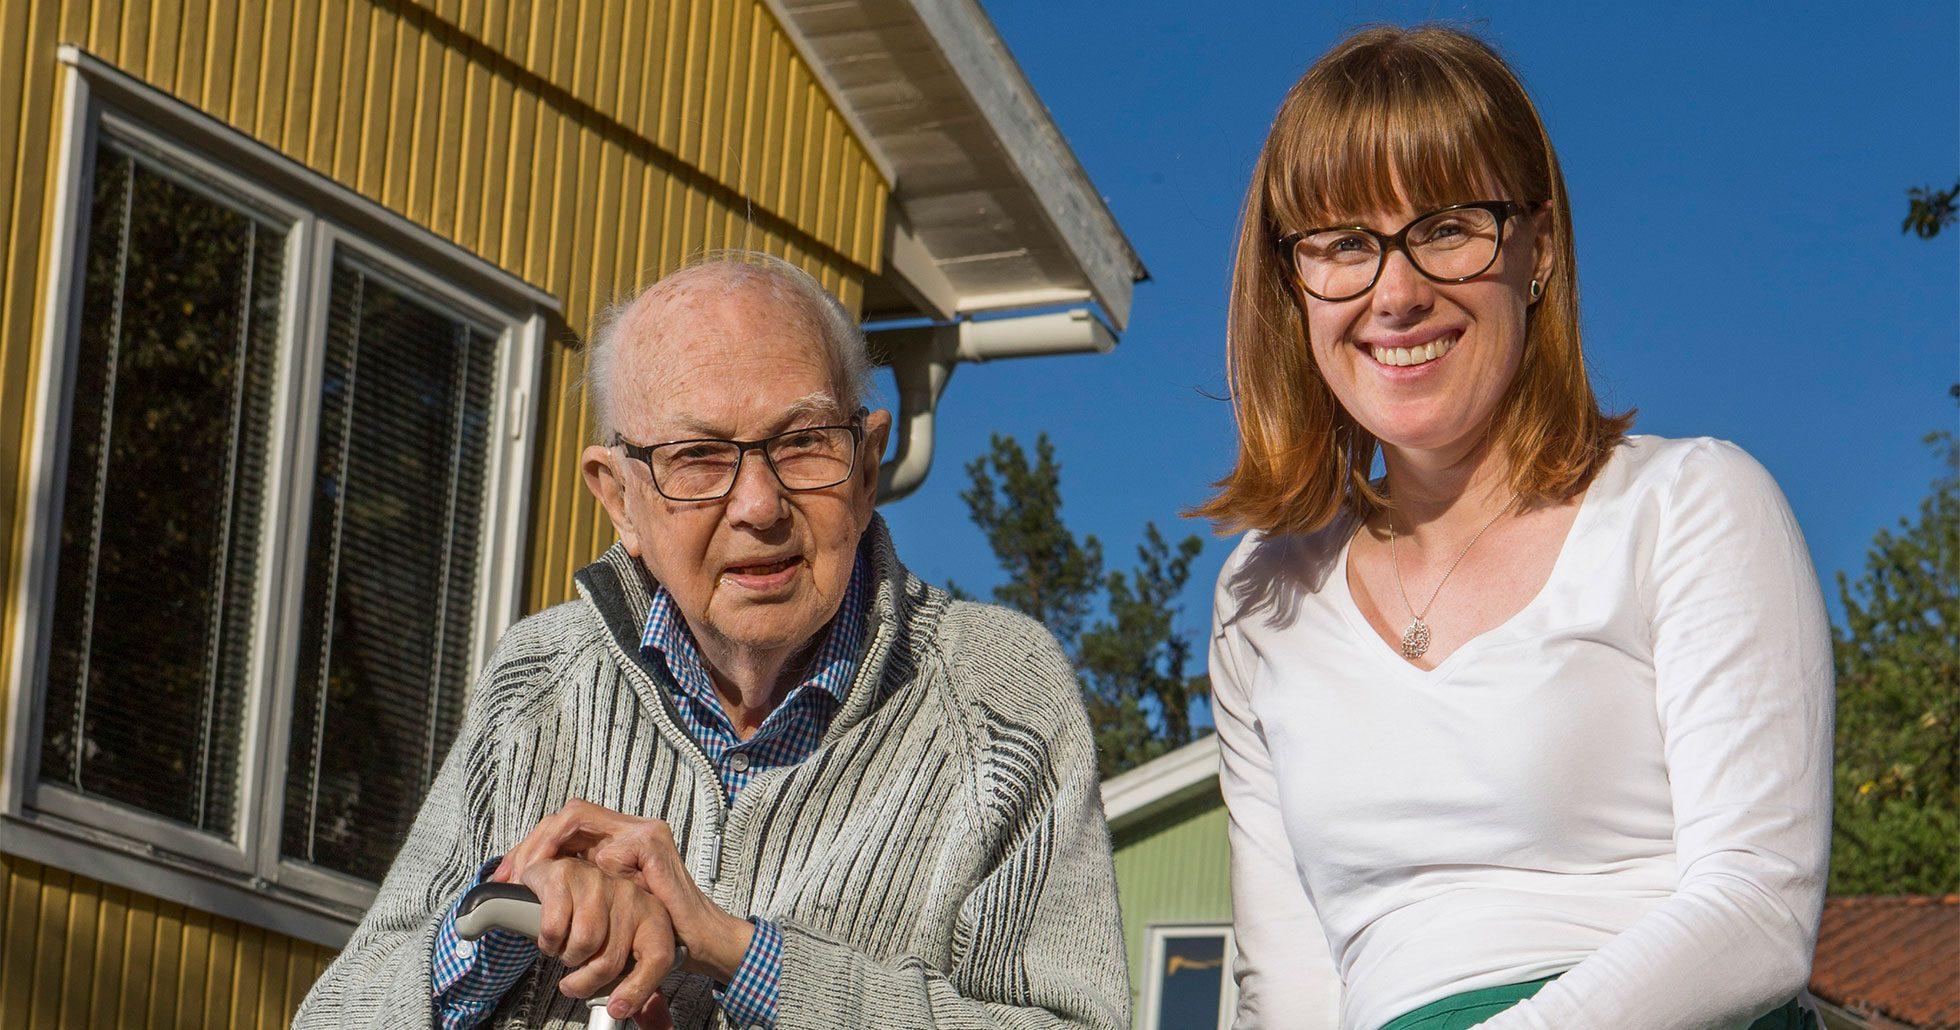 Hanna Sjölund började odla hos en främlig –via Co Grow